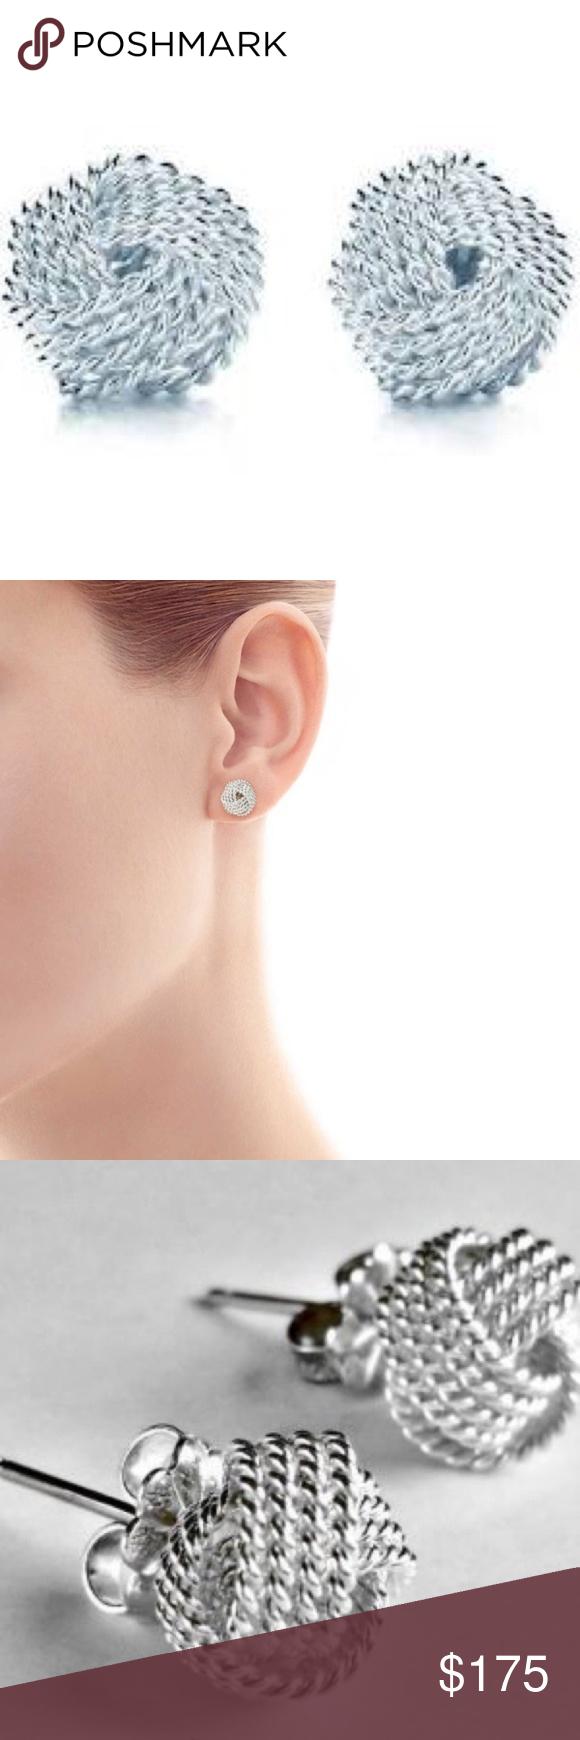 Tiffany Twist Knot Earrings In Sterling Silver For